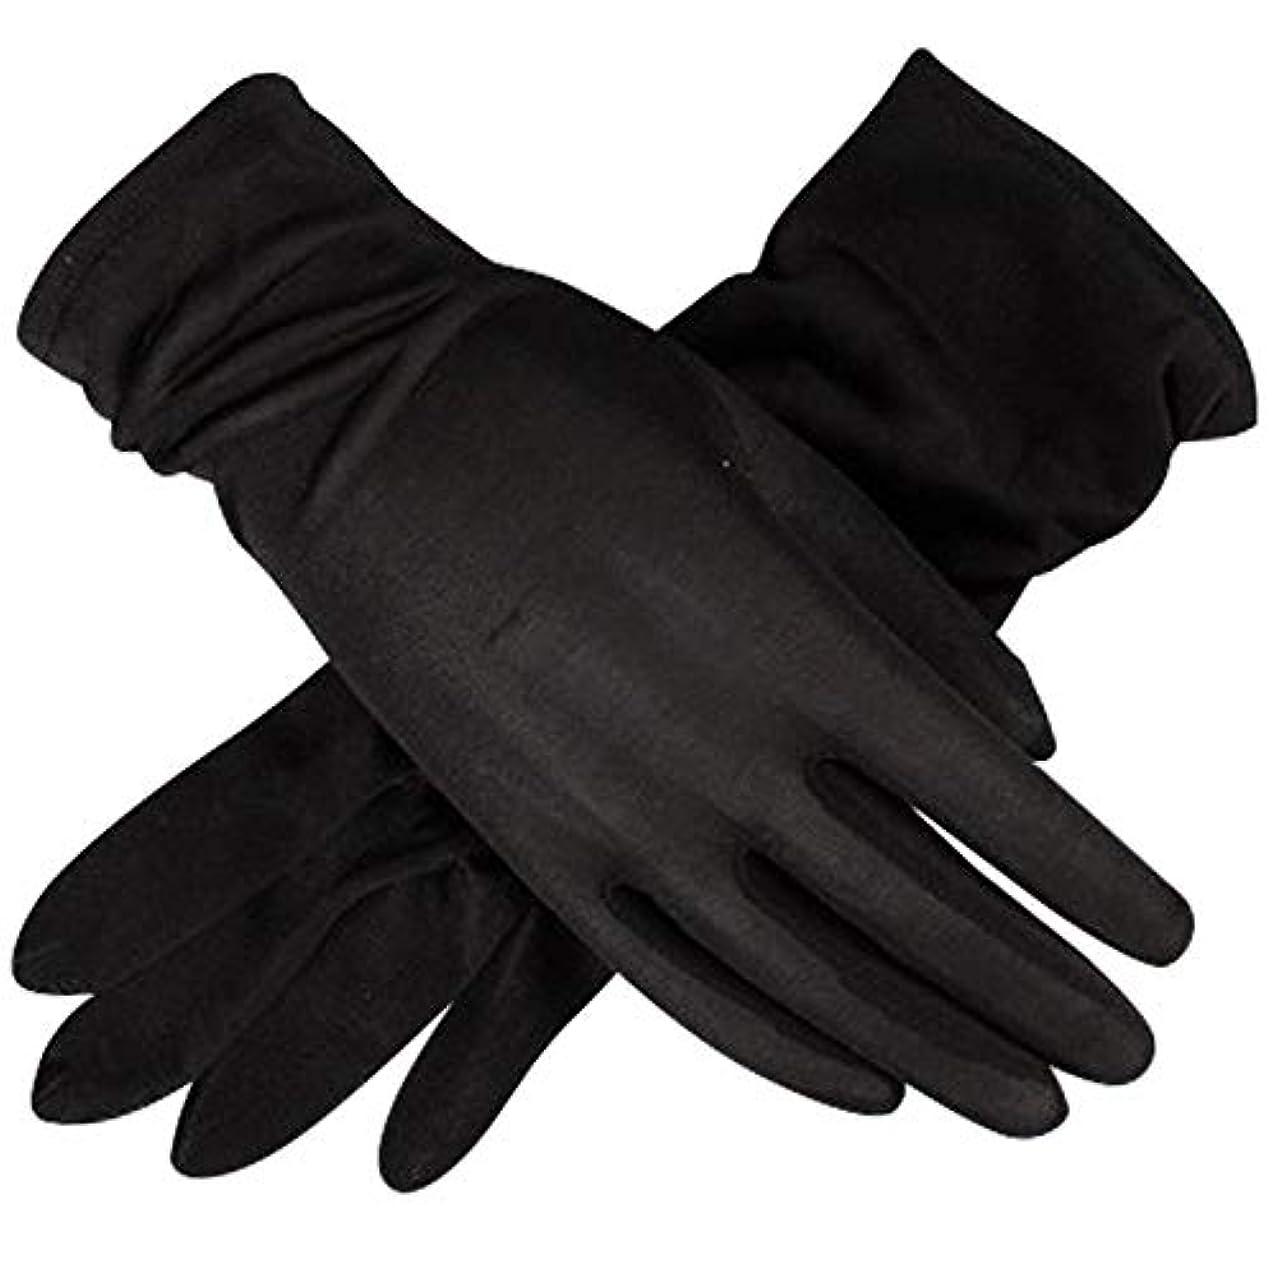 世界に死んだ脚本セレナ(panda store) シルク 手袋 レディース UVカット ハンドケア おやすみ 手荒れ 手湿疹 乾燥肌 保湿 おやすみ手袋 紫外線 ブラック